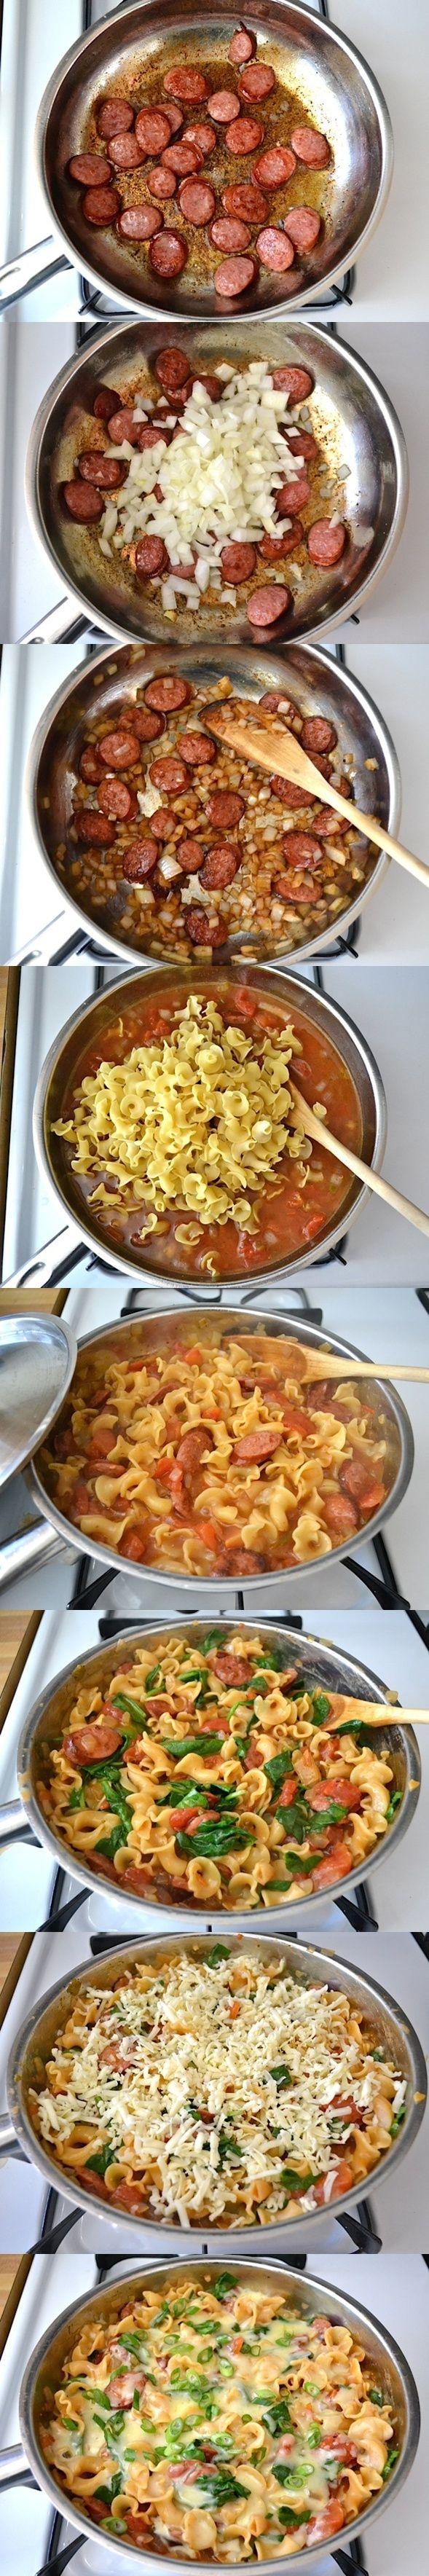 Makaron z kiełbasą w pomidorach pod żółtym serem